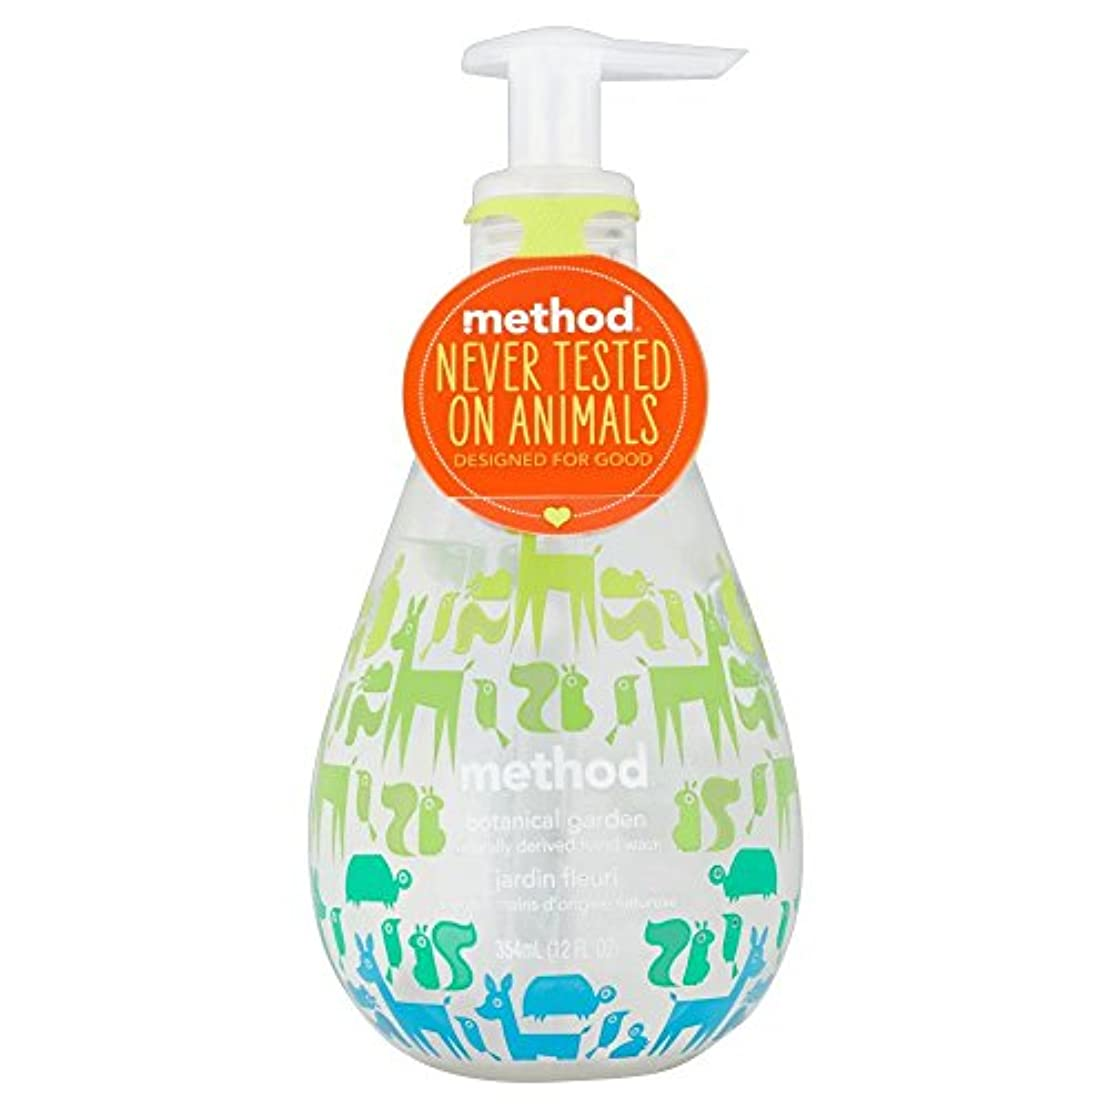 見積りクック雪Method Hand Wash - Botanical Garden (354ml) メソッドハンドウォッシュ - 植物園( 354ミリリットル) [並行輸入品]